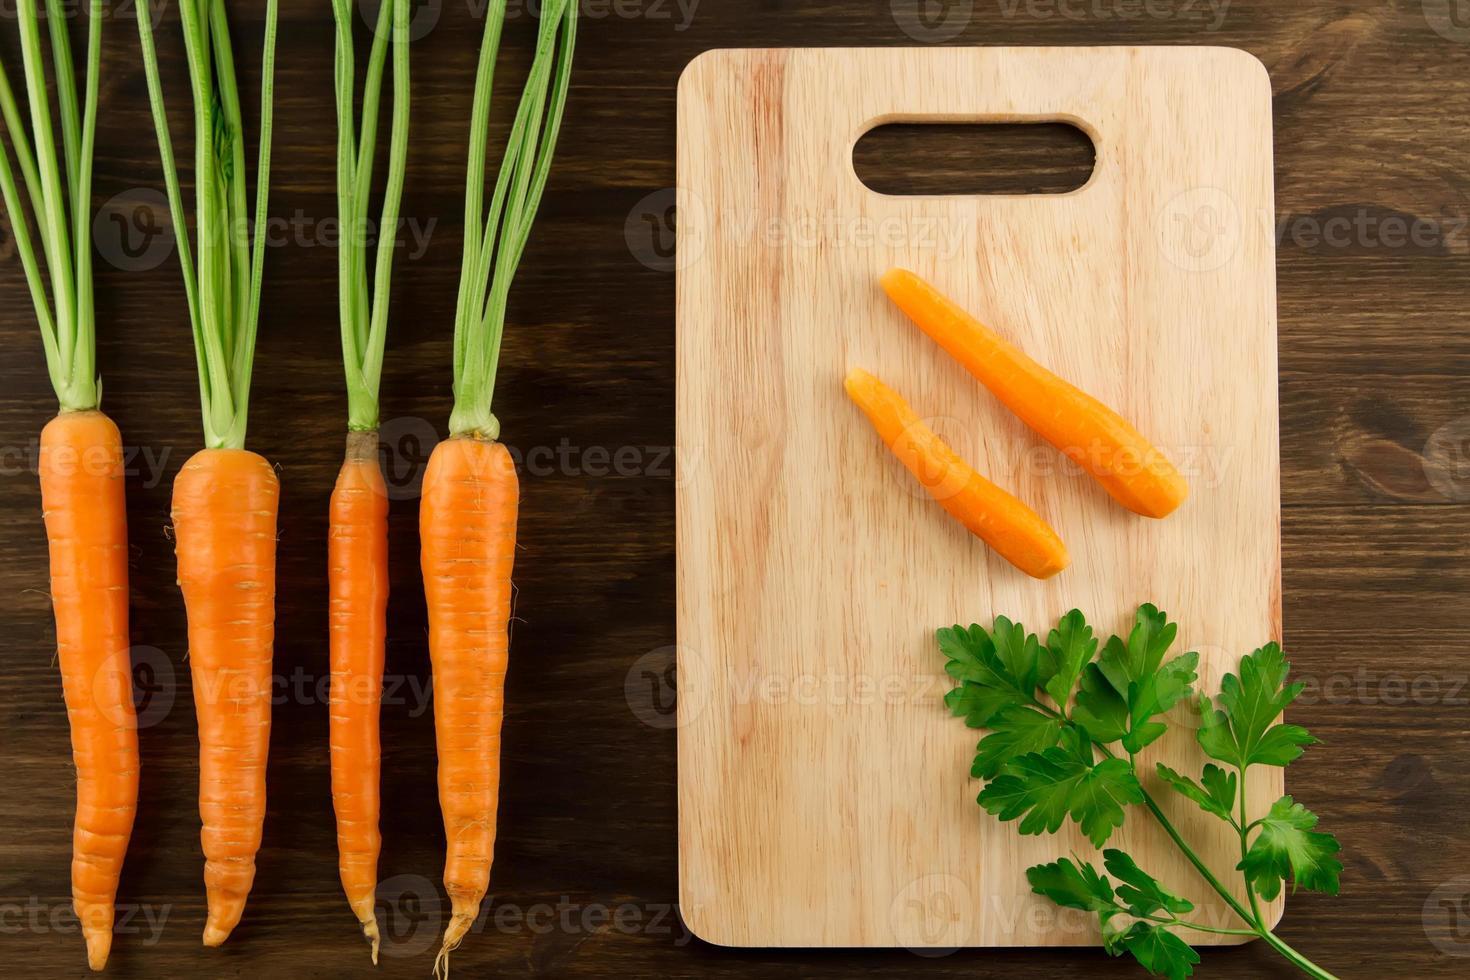 bando de cenouras frescas com folhas verdes na madeira foto